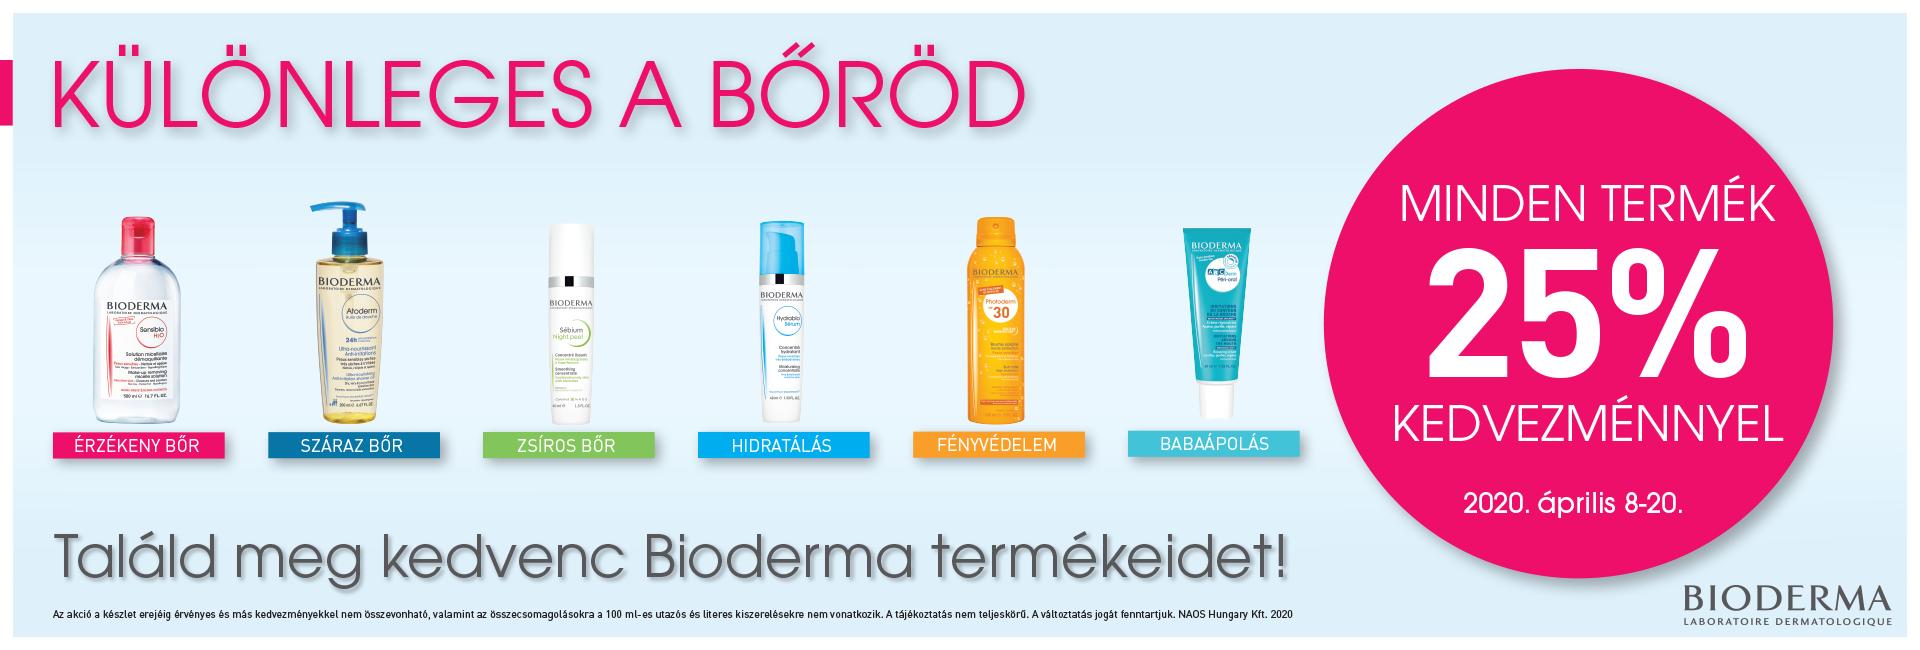 BIODERMA NAPOK: 2020. április 8-20. között minden Bioderma terméket 25% kedvezménnyel kínálunk!